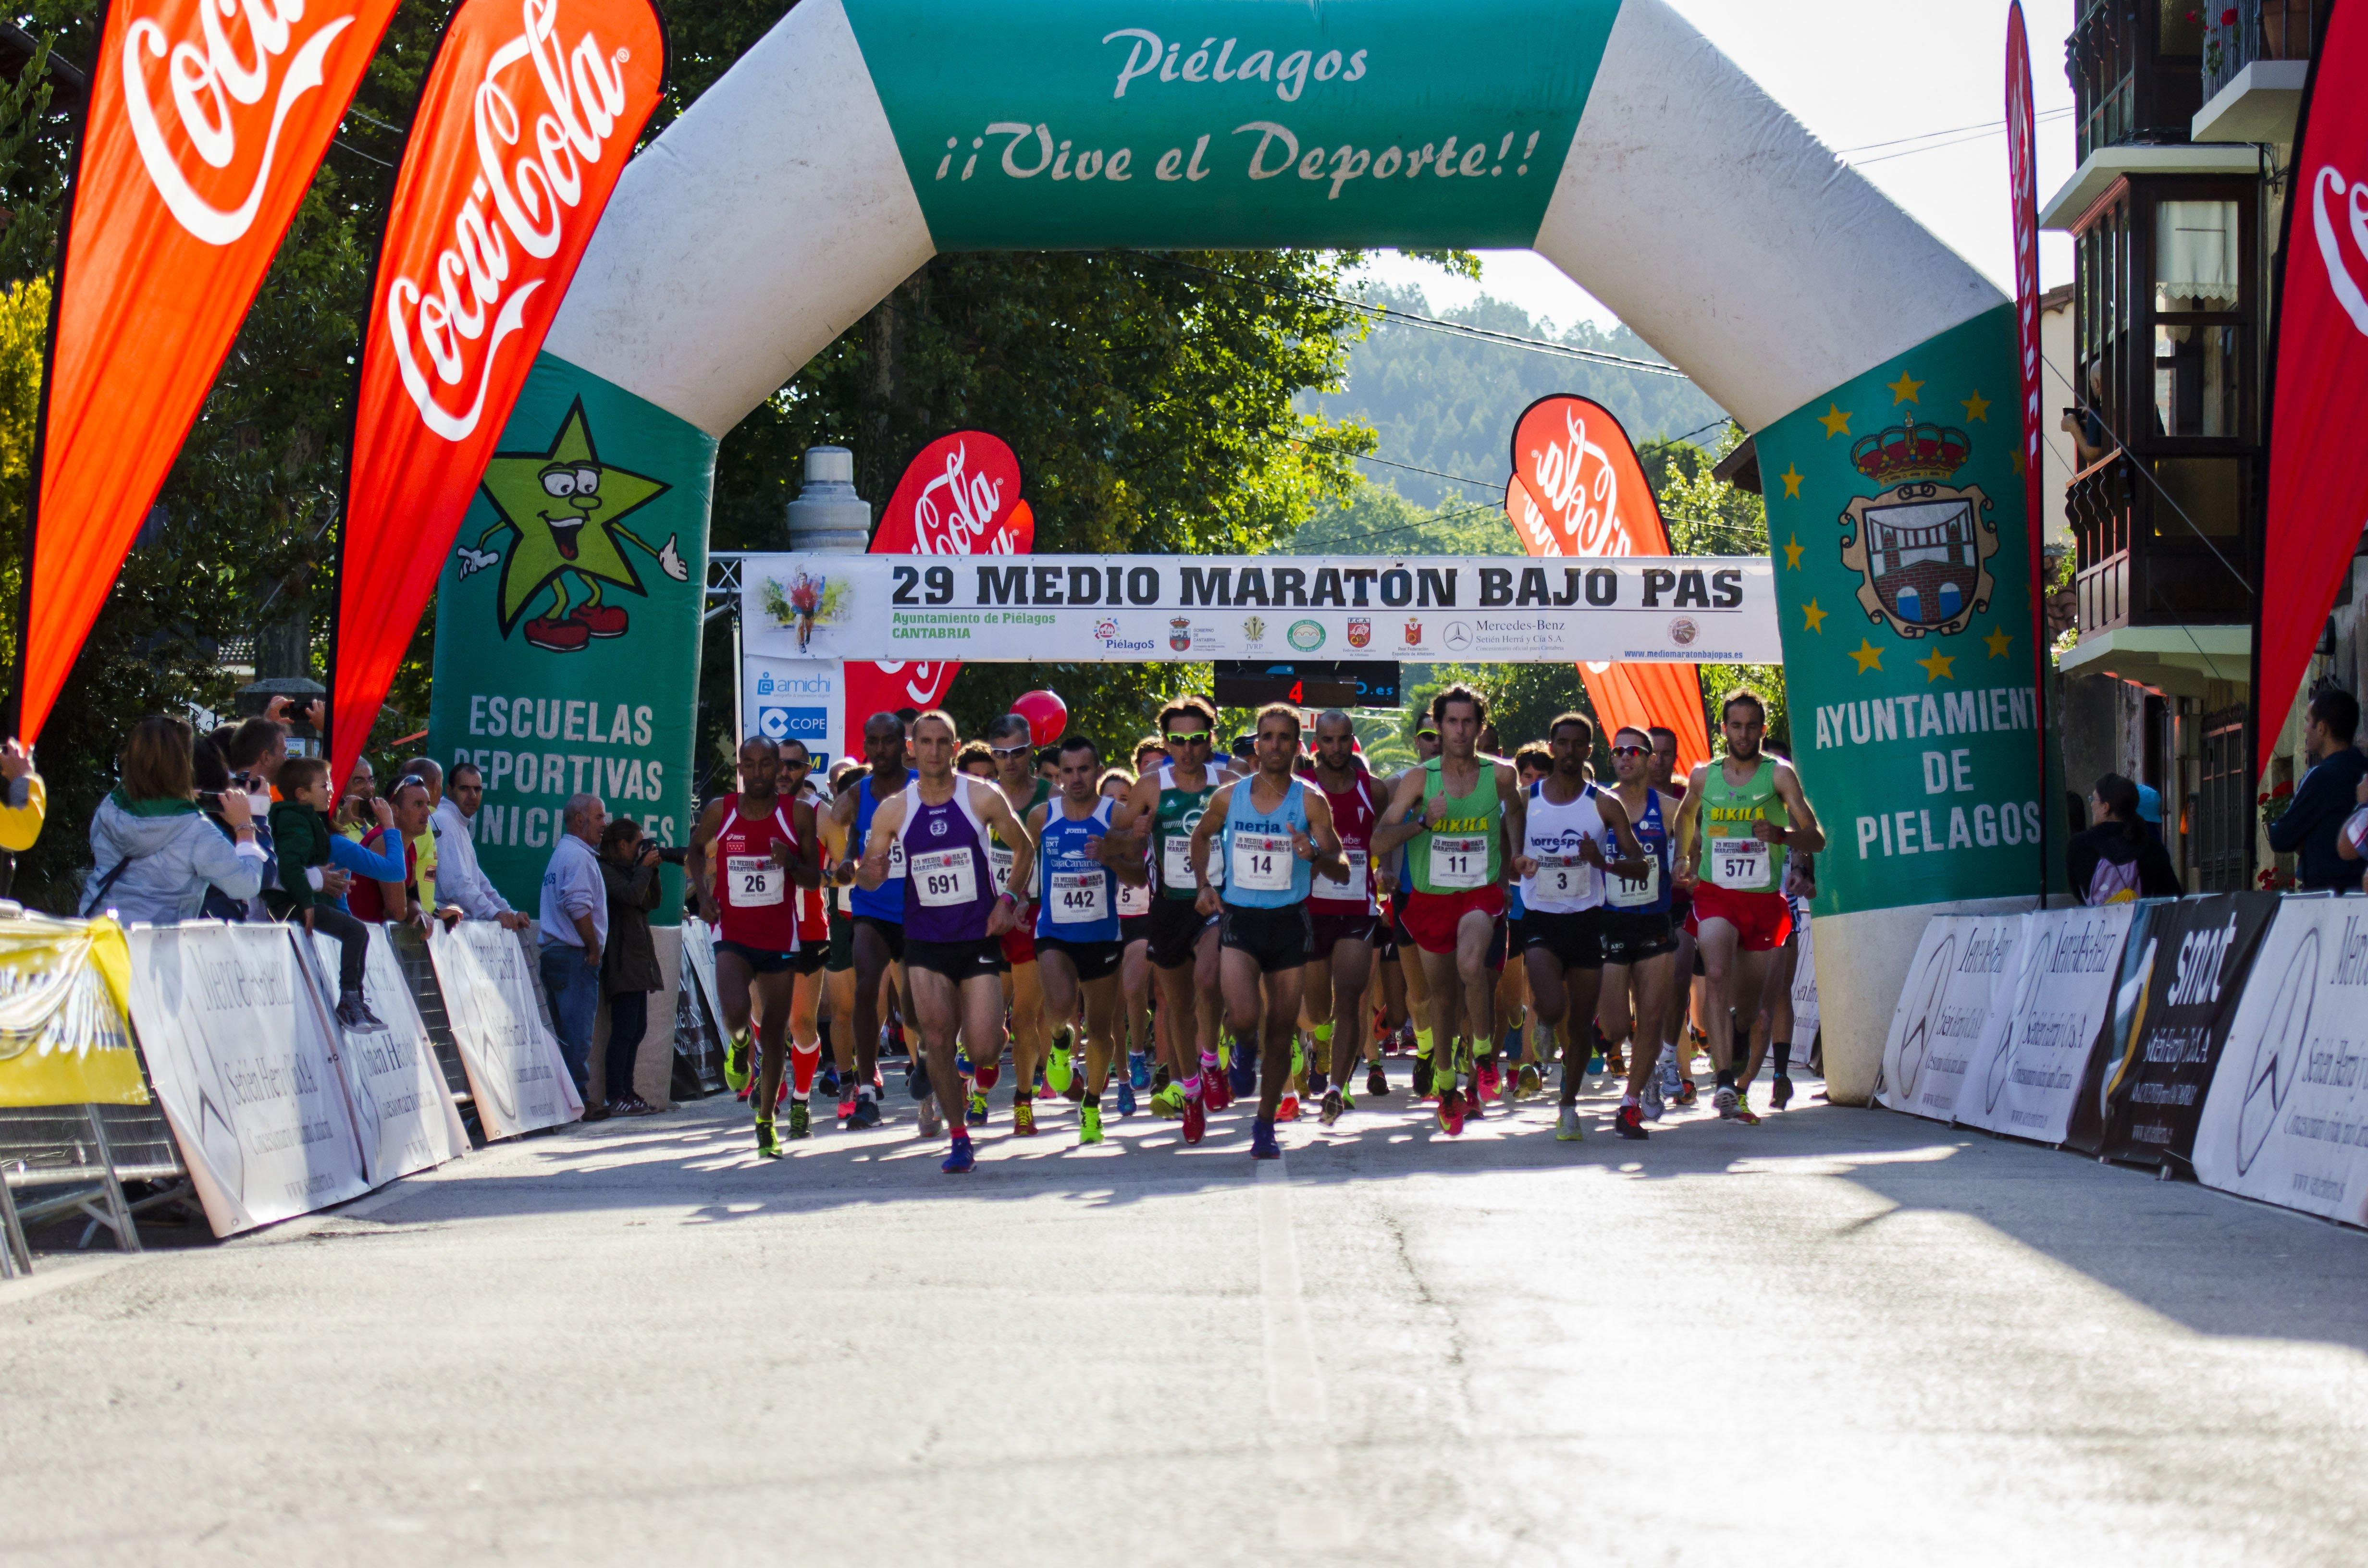 Crónica XXIX Medio Maratón Bajo Pas